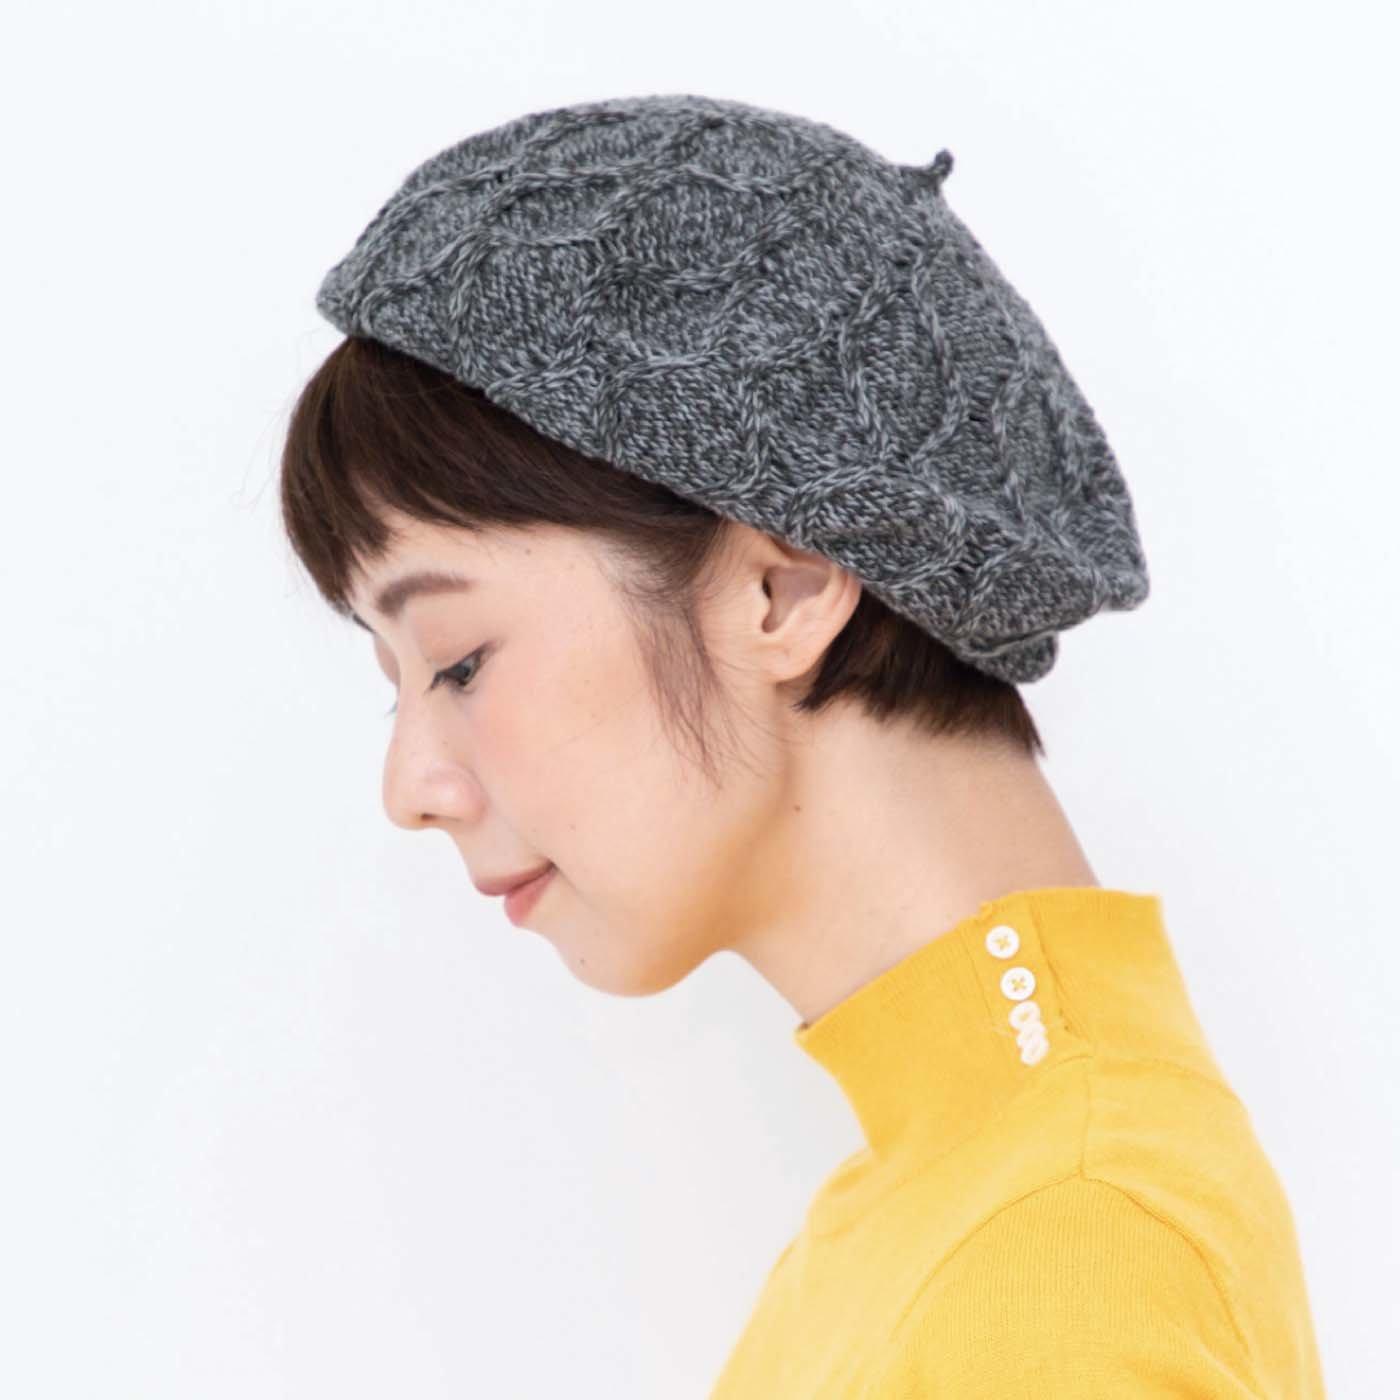 薄手で暖かウール混 ぎゅーんと伸びてやさしくフィットする 柄編みニットベレーキャップの会